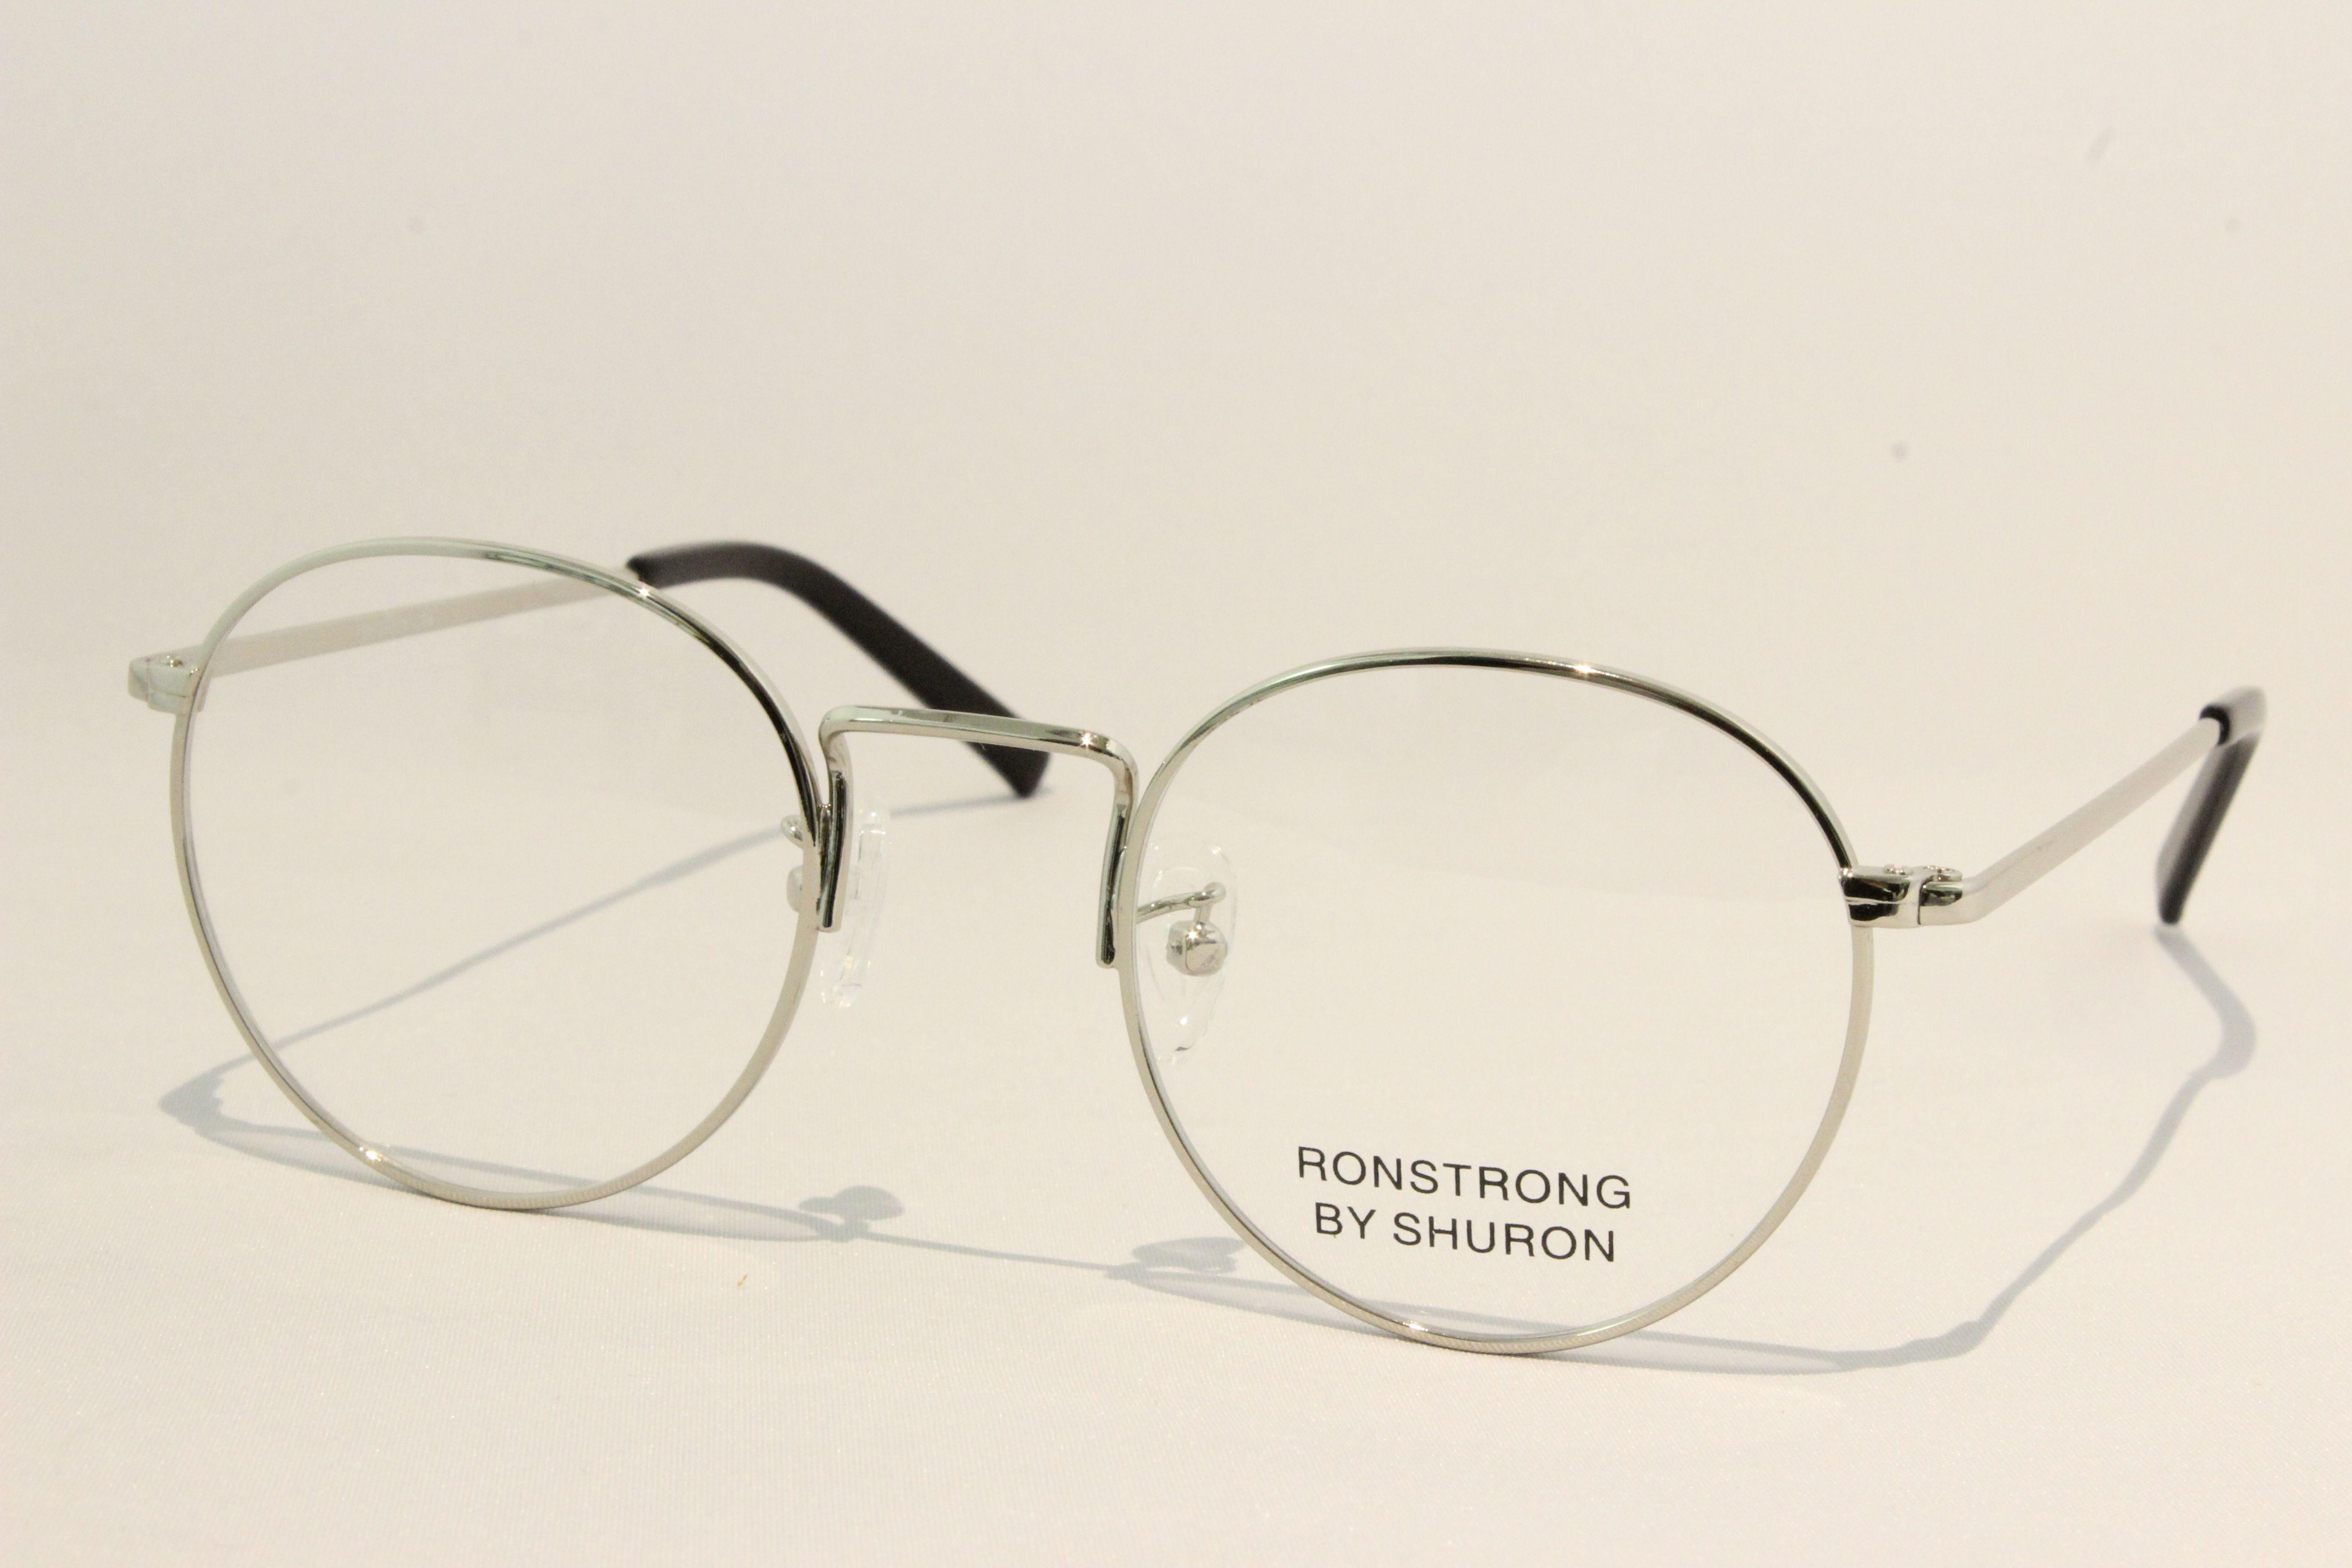 【送料無料】SHURON(シュロン) RONSTRONG  【ロンストロング】(Silver) size 48. UVカットレンズ付き